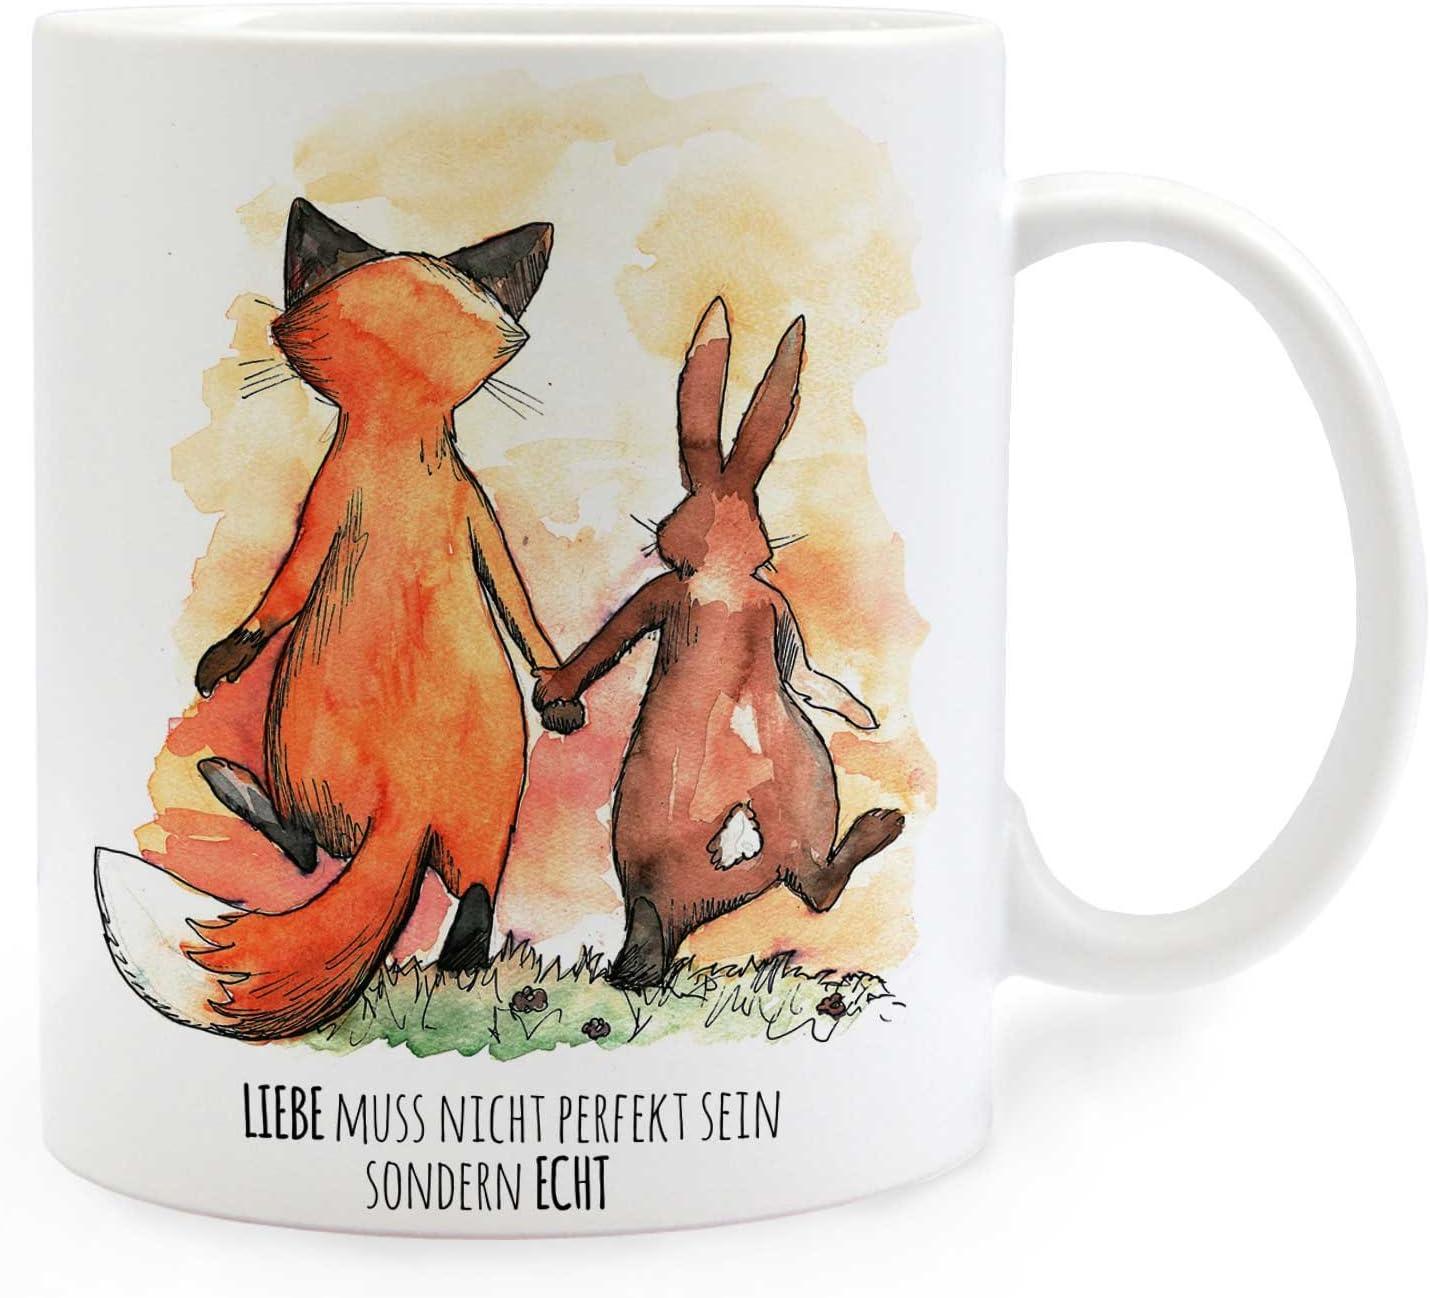 Tasse Becher Kaffeebecher Opas machen die Welt schöner Fuchs Herz Hut ts1066